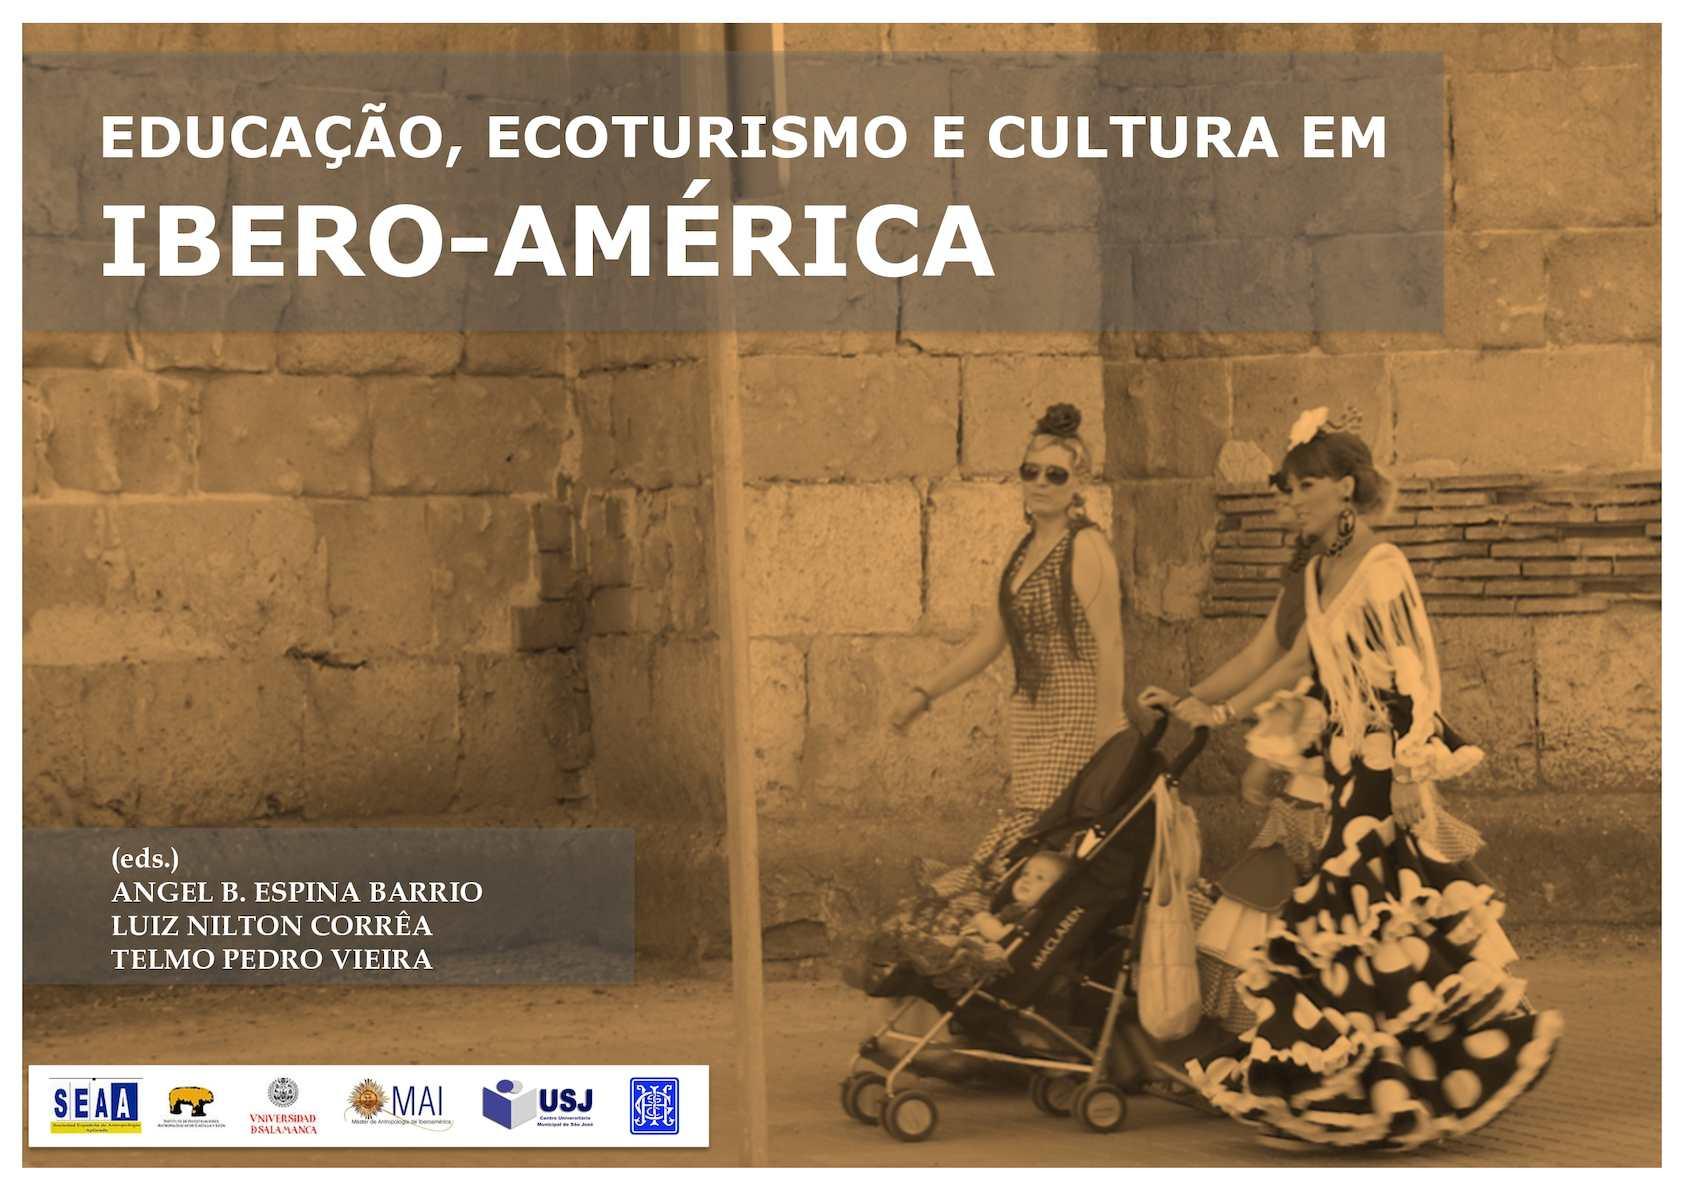 9b731008a9657 Calaméo - Educação, Ecoturismo e cultura em Ibero-América